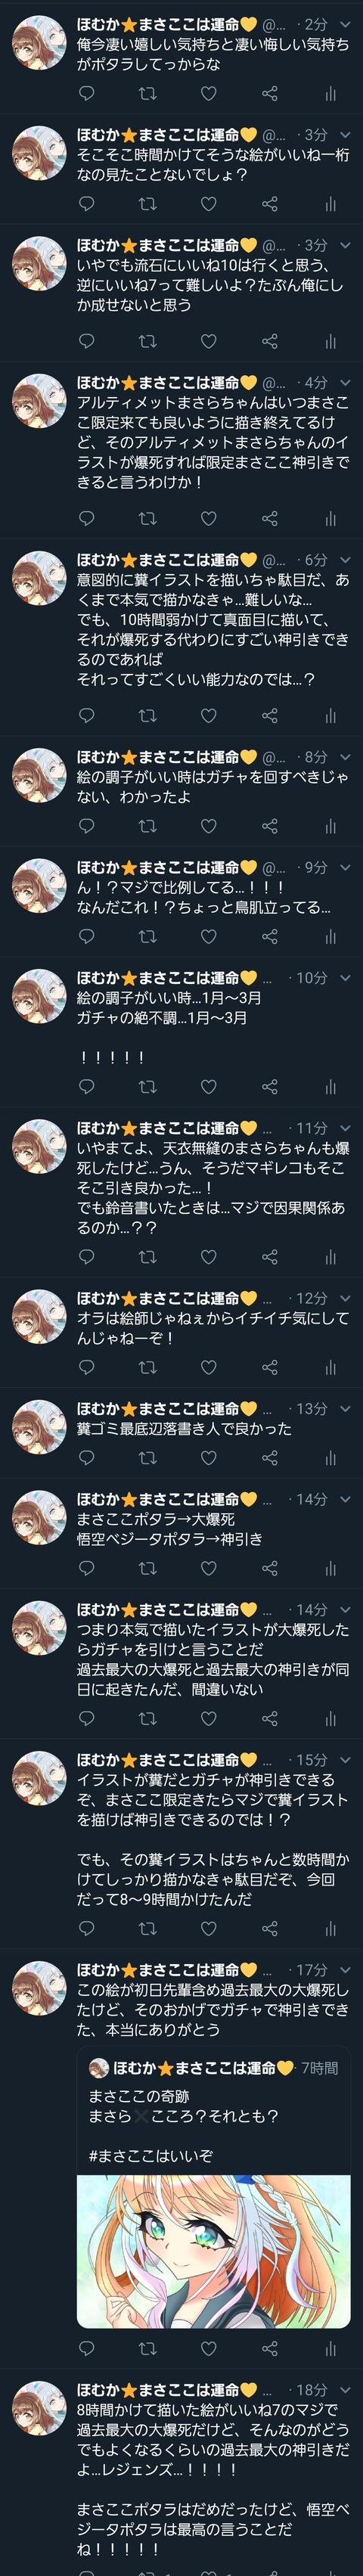 Screenshot_20200601-031614_Twitter